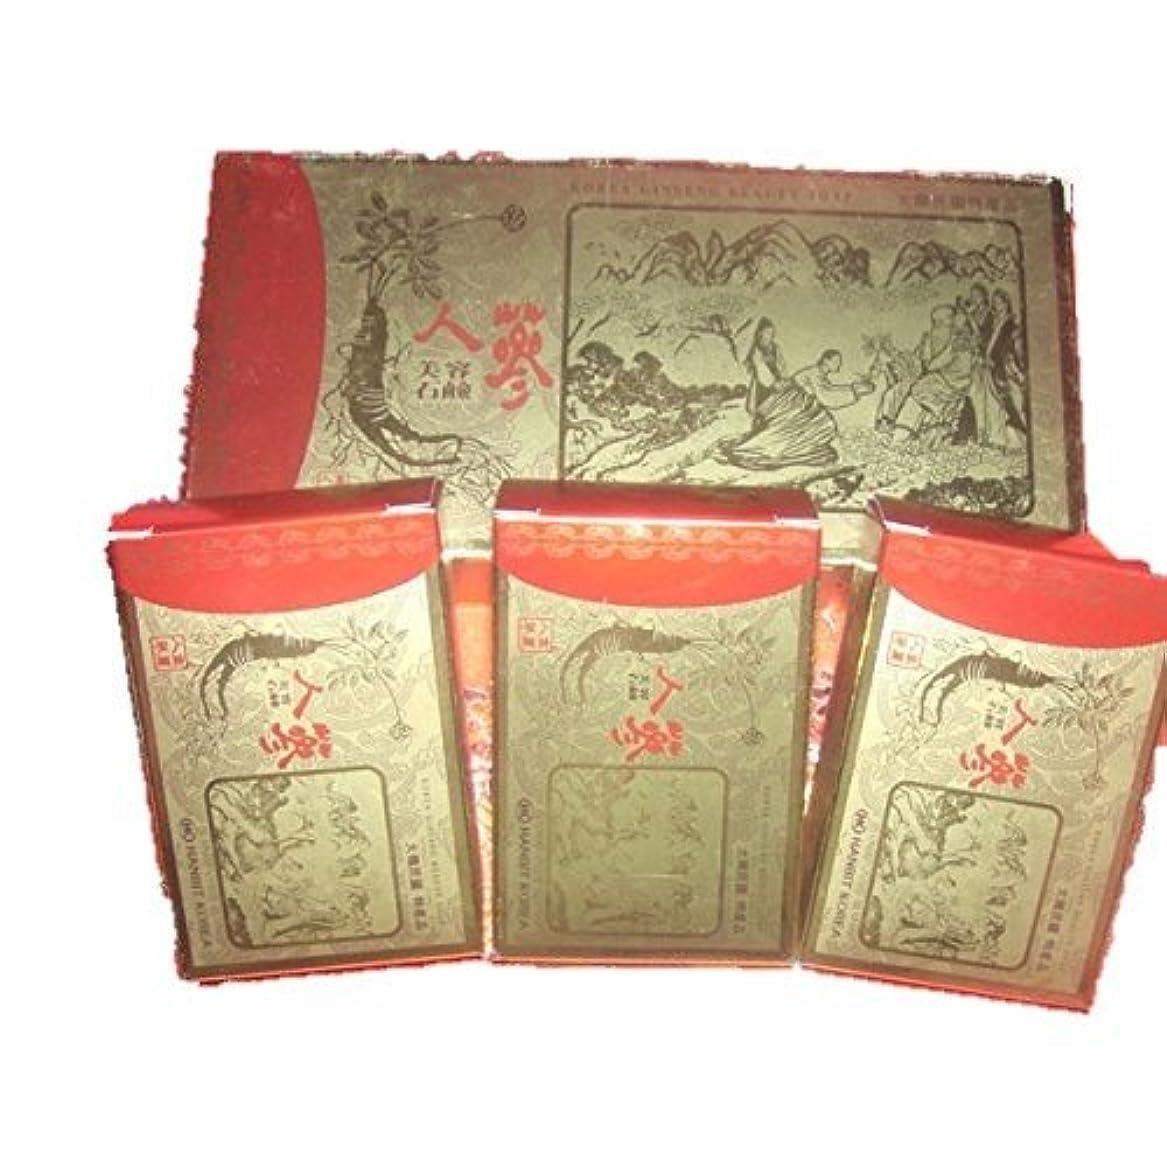 洞察力のある四分円ケープ(韓国ブランド) 韓国 高麗人参 美容石鹸(3個×3セット)